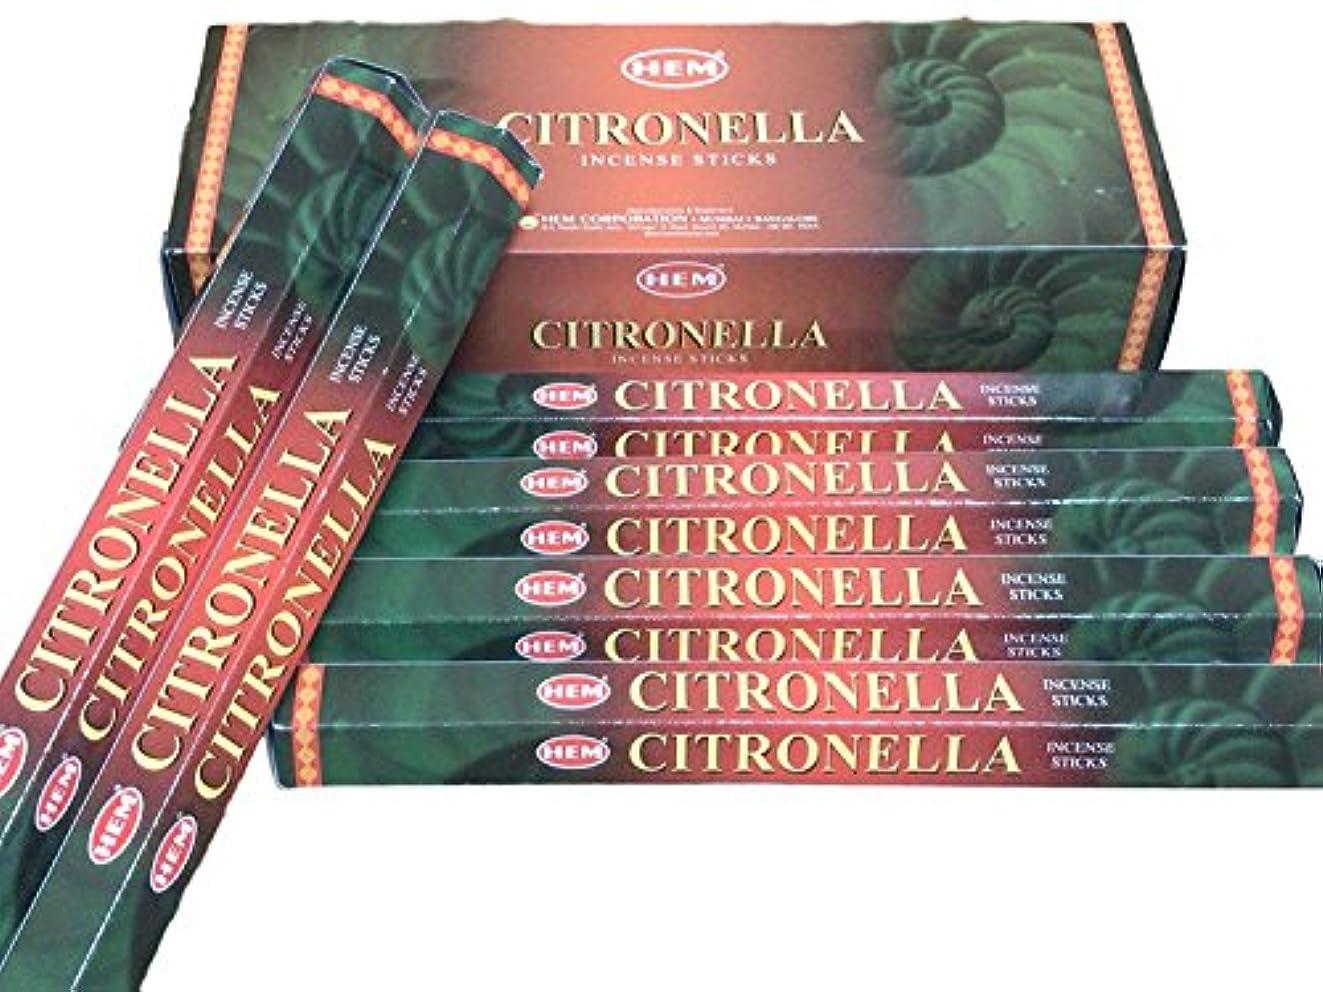 アラート忘れられないはがきHEM ヘム シトロネラ CITRONELLA ステック お香 6本 セット